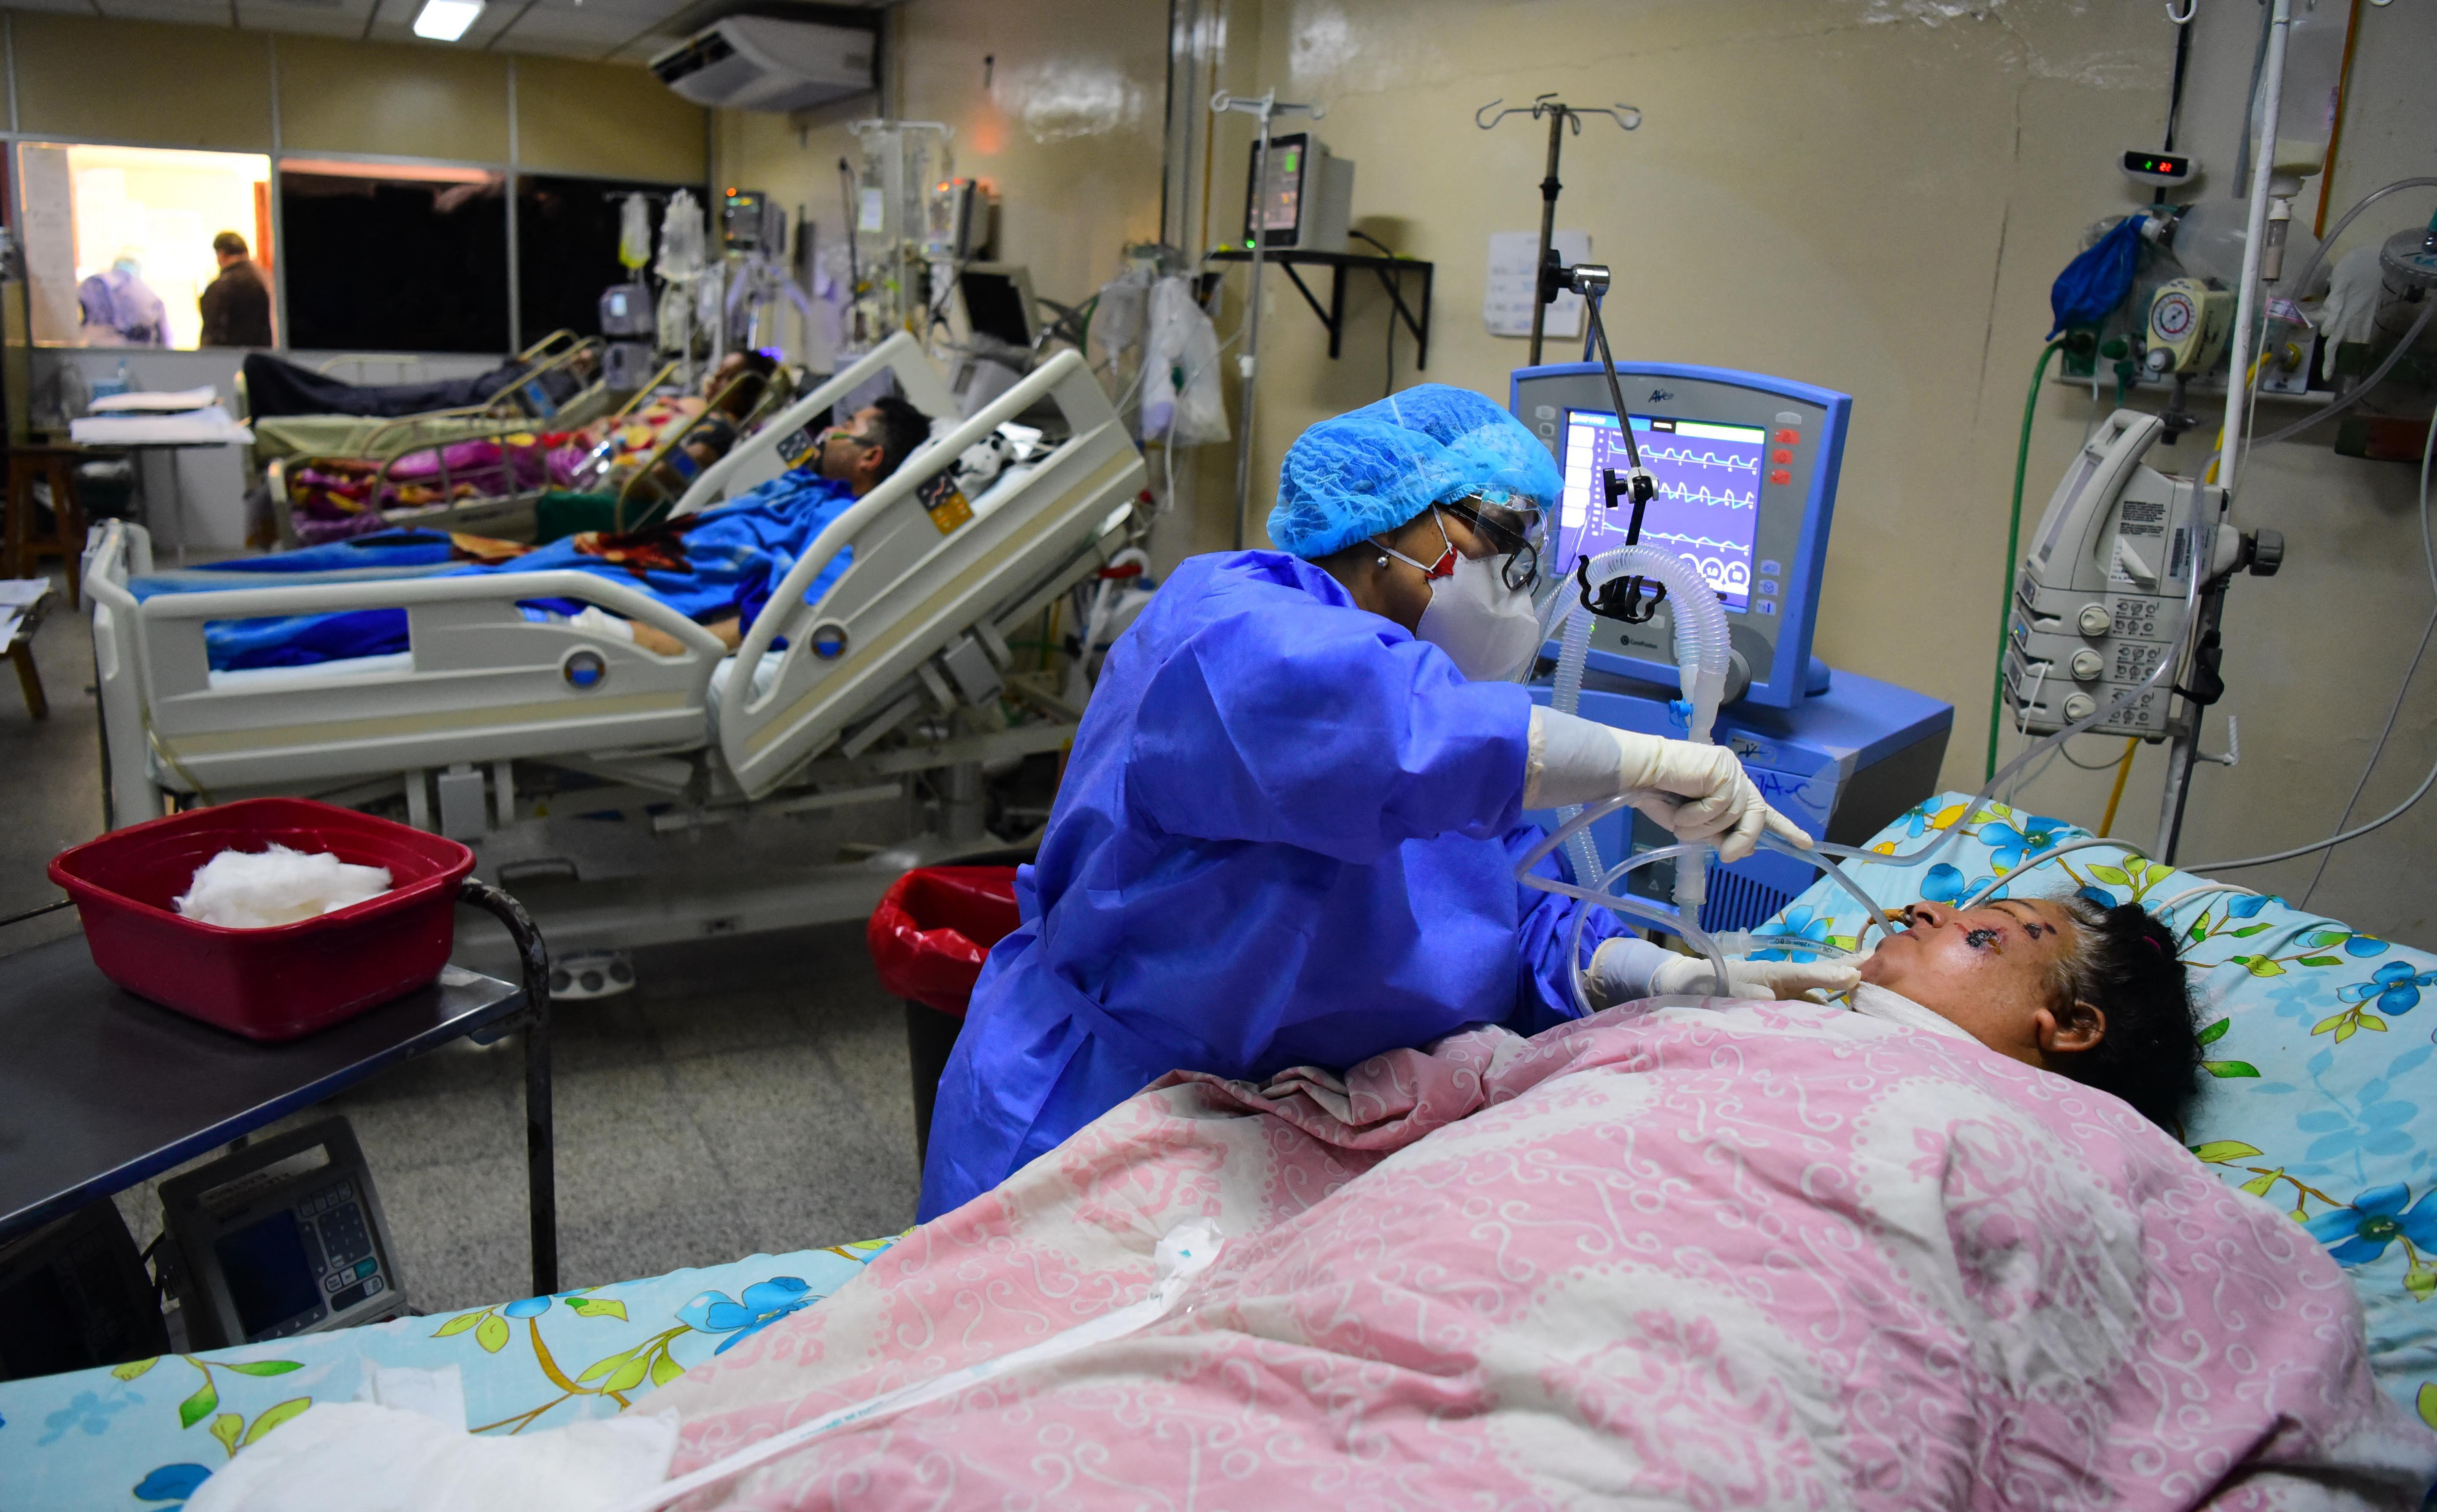 Paraguai vive pior momento da pandemia de Covid-19 com falta de oxigênio em hospitais